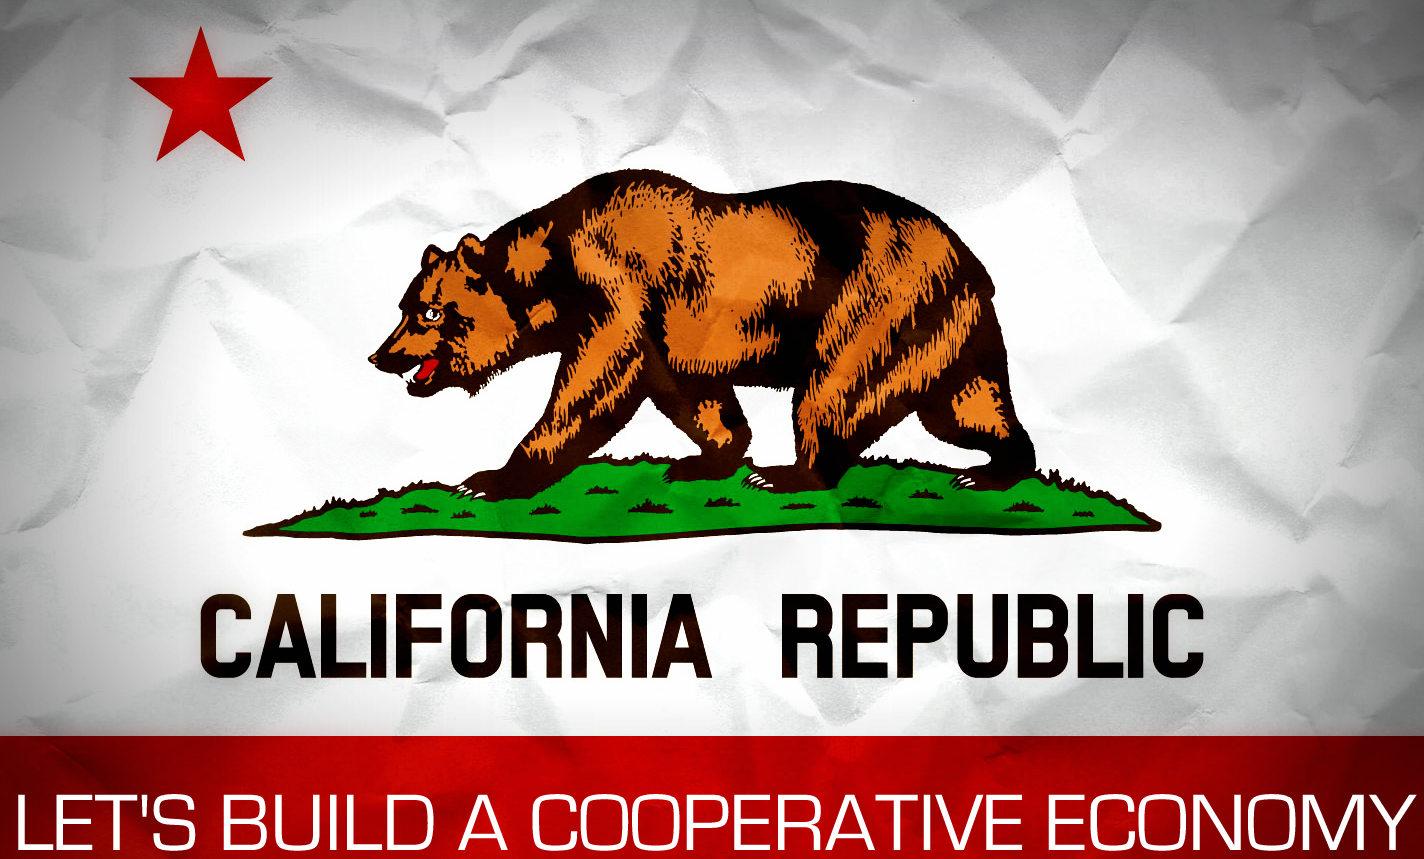 Cooperatize the Economy!